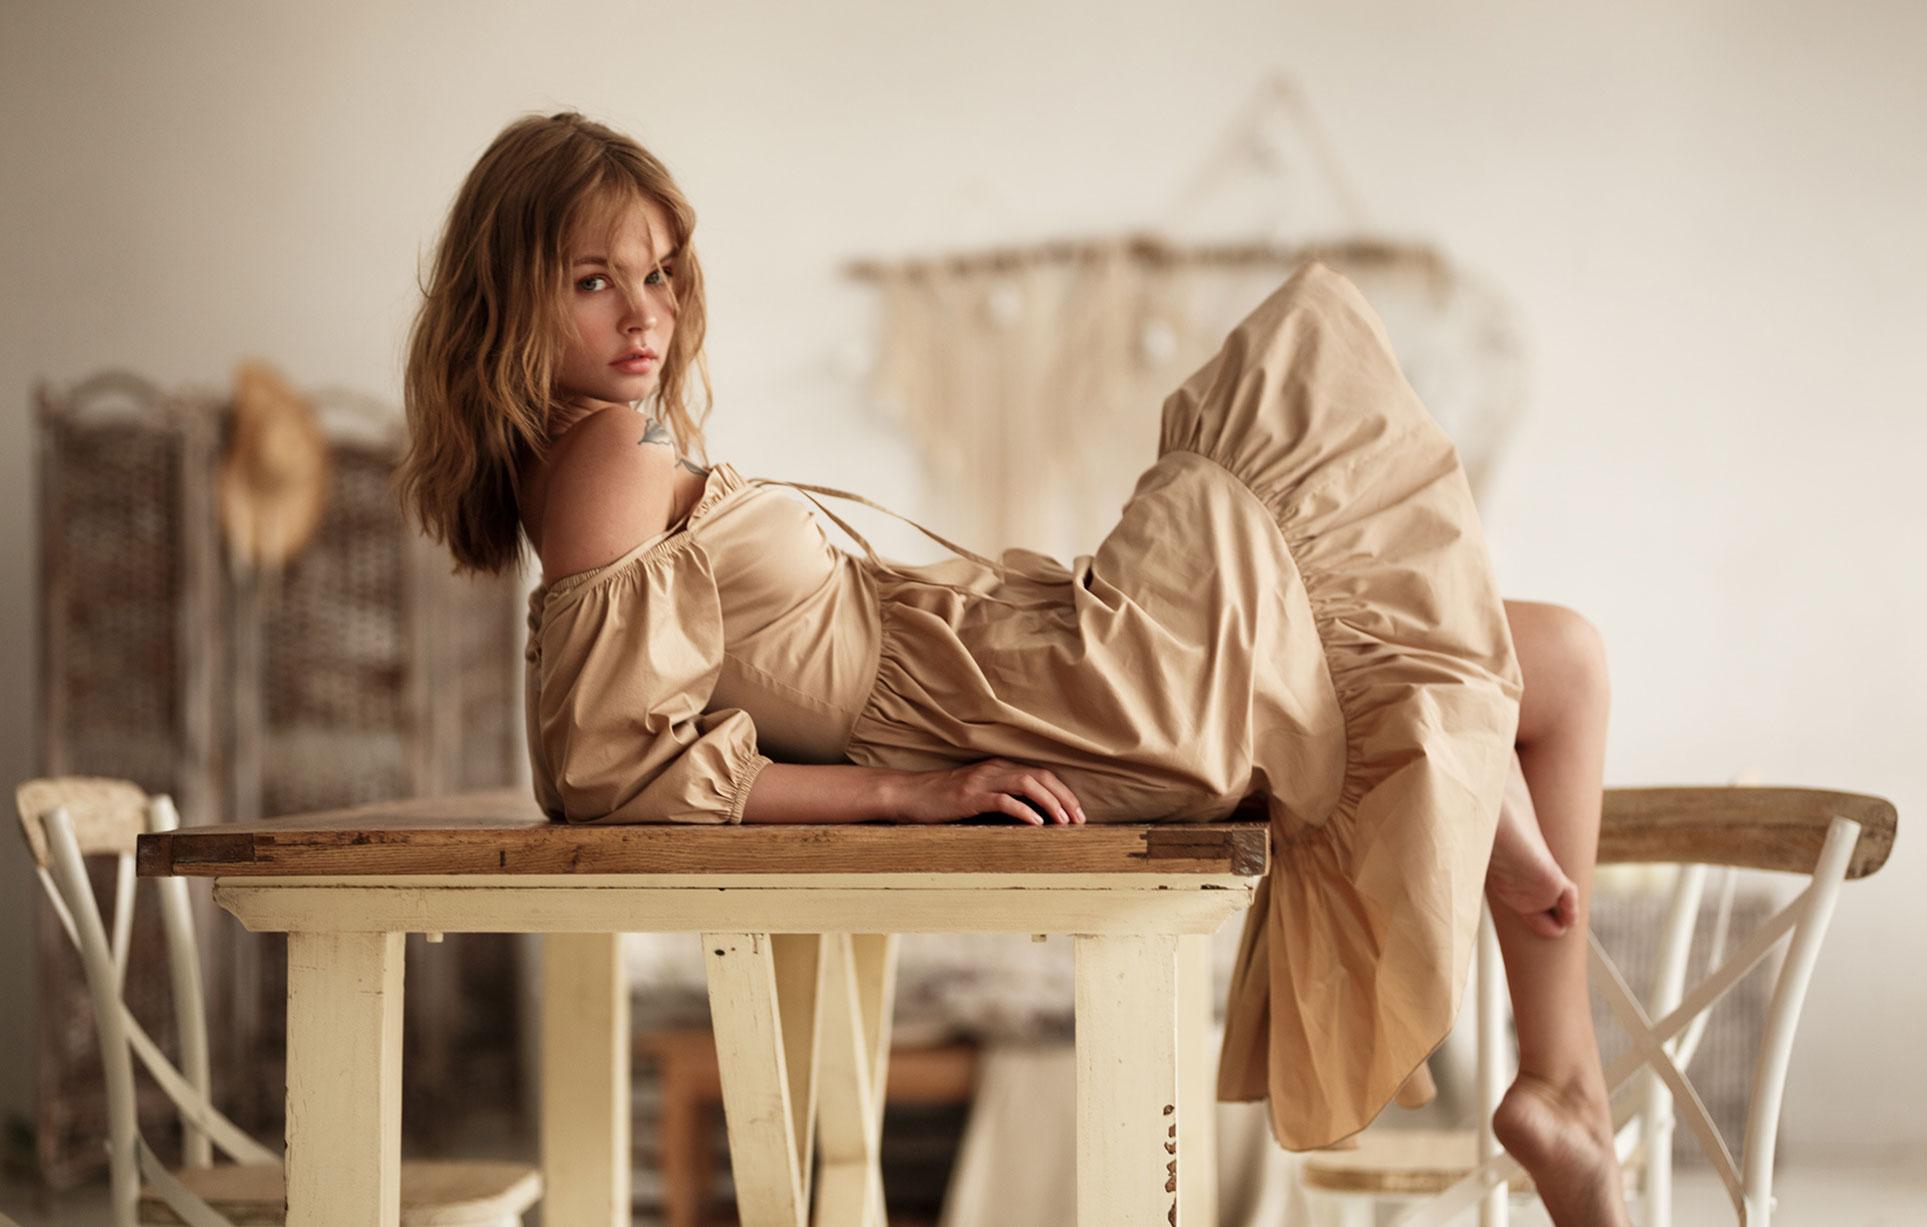 Анастасия Щеглова скучает в одиночестве дома / фото 01